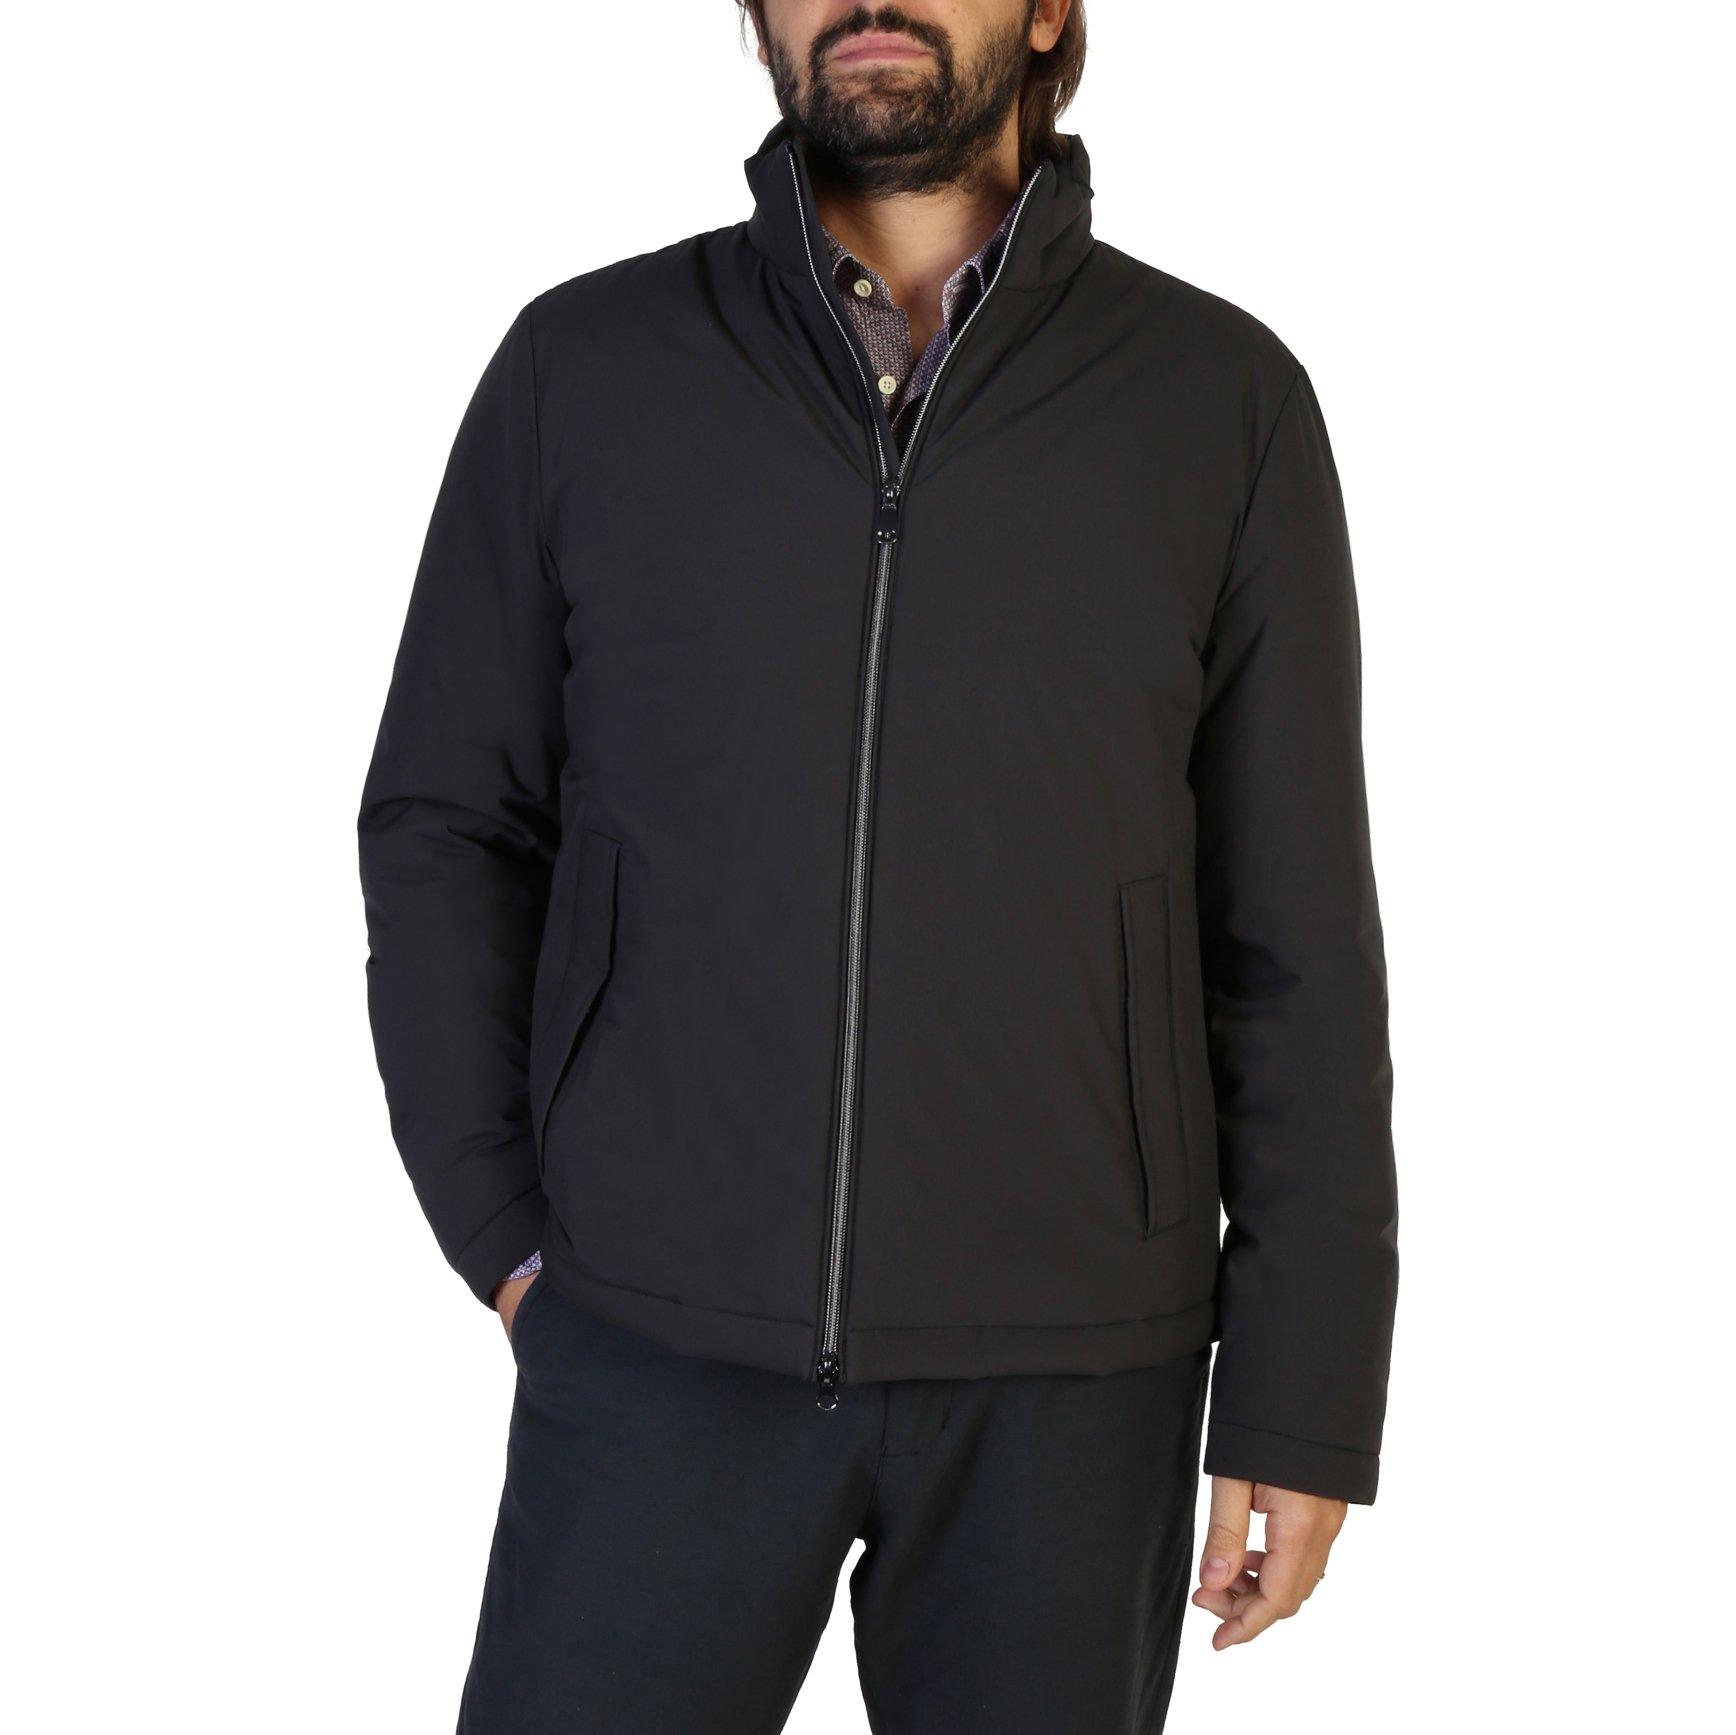 Geox Men's Jacket Brown M8428MT2504 - black 46